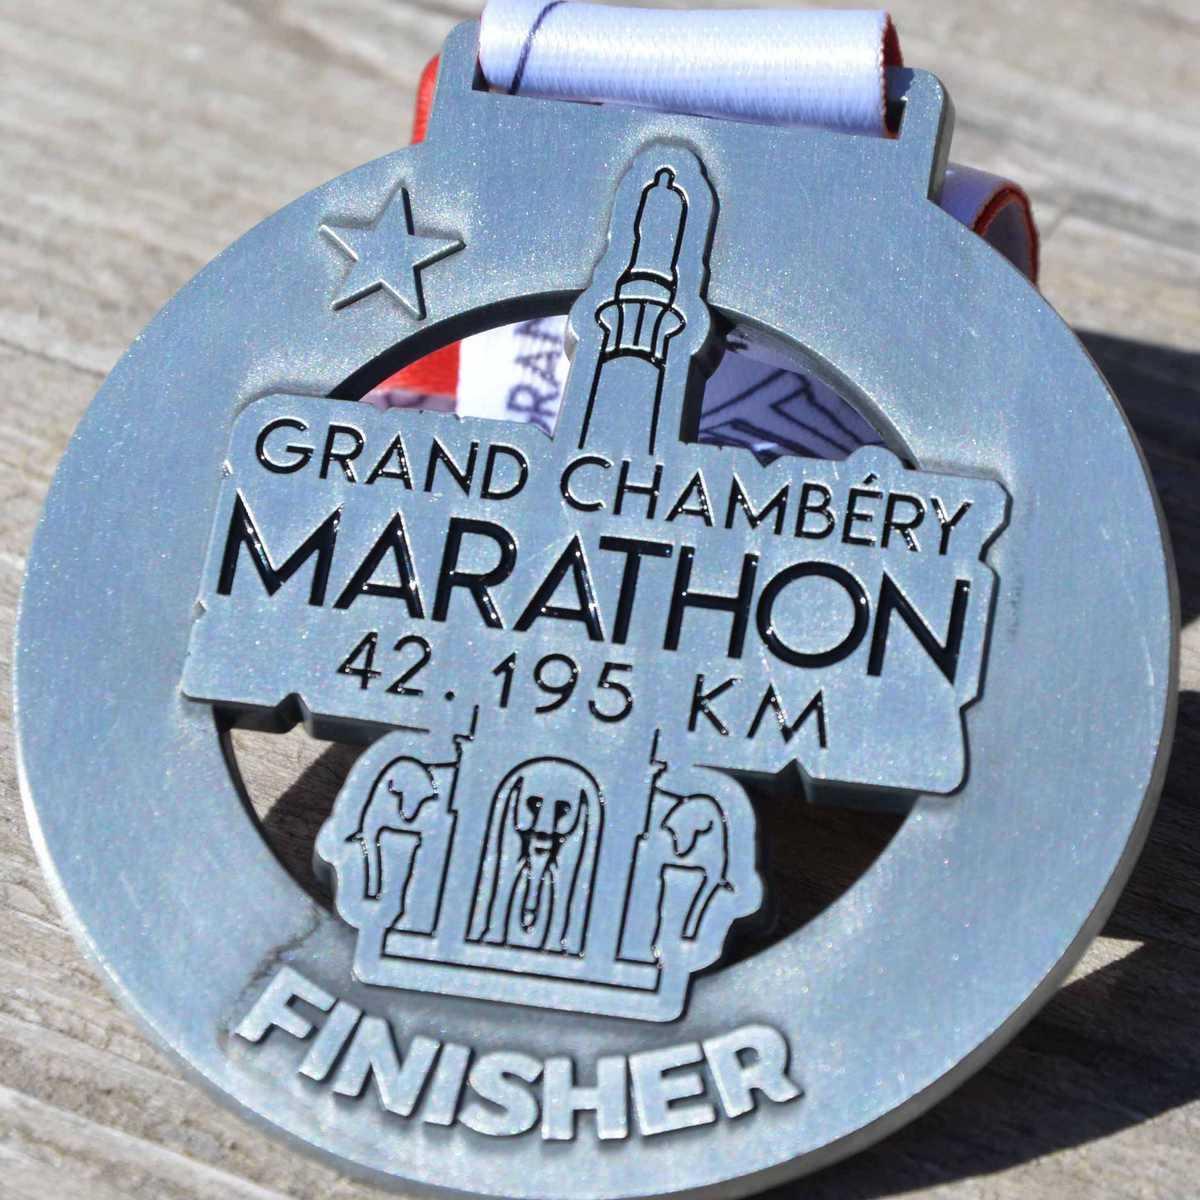 Médaille finisher ronde créée pour le marathon du Grand Chambéry - 42,195km